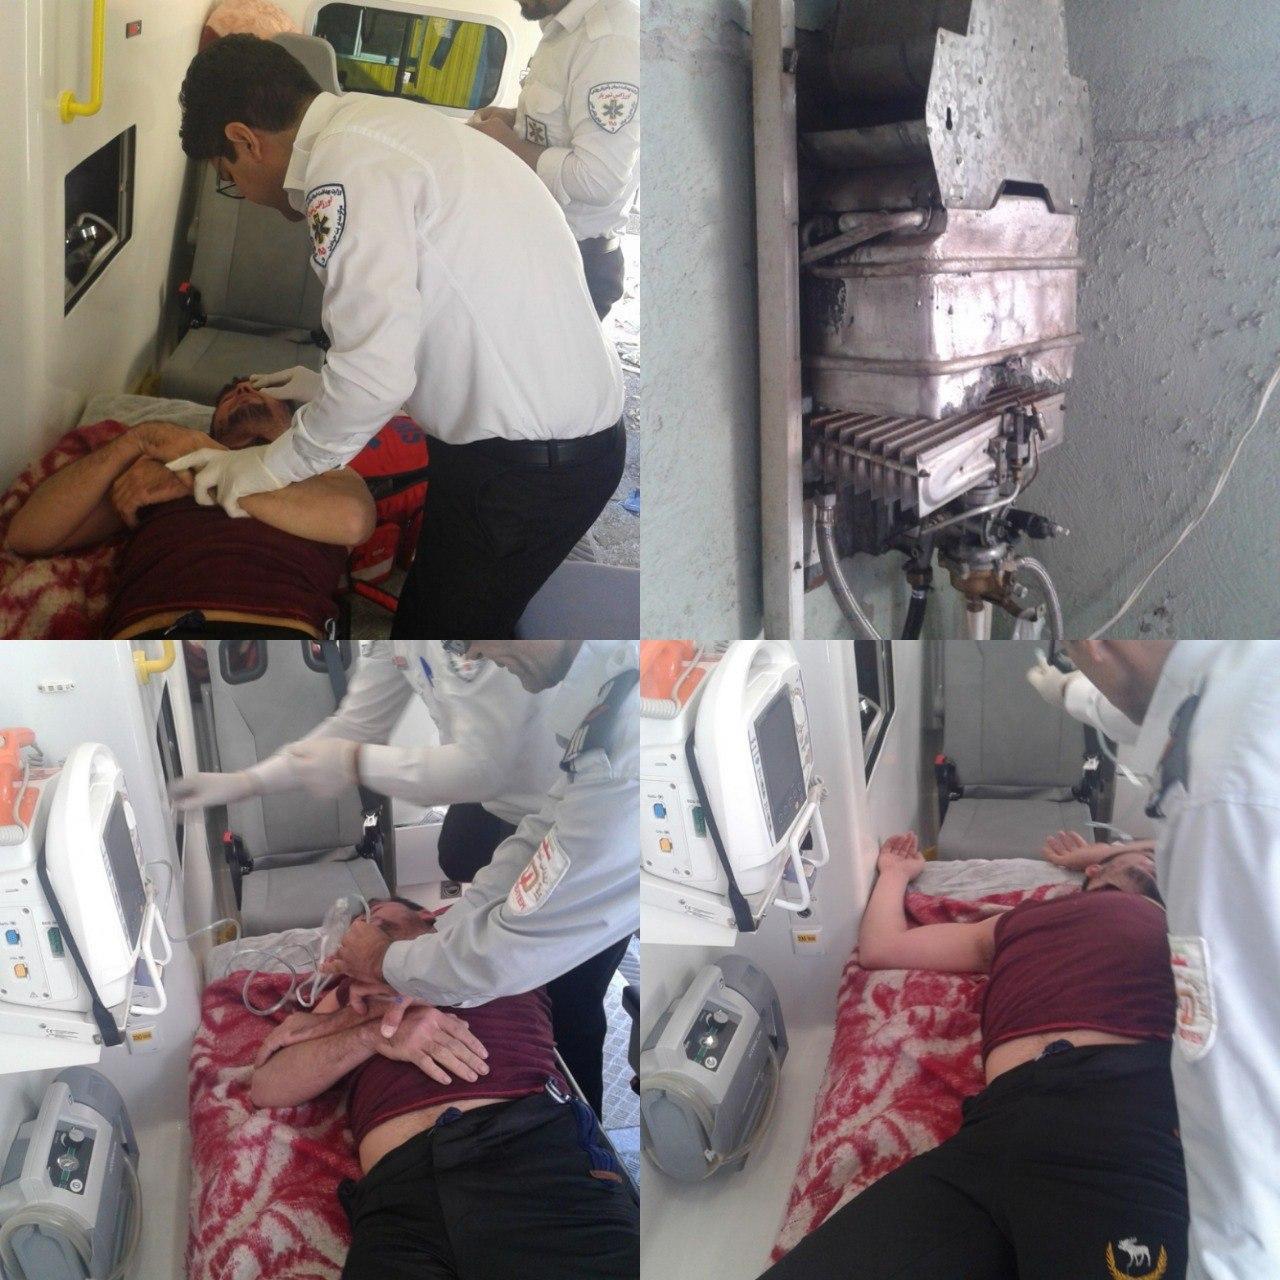 نجات جوان 22 ساله شهروند وحیدیه ای از مرگ حتمی بر اثر گاز گرفتگی، با اقدام به موقع عوامل آتش نشانی و اورژانس